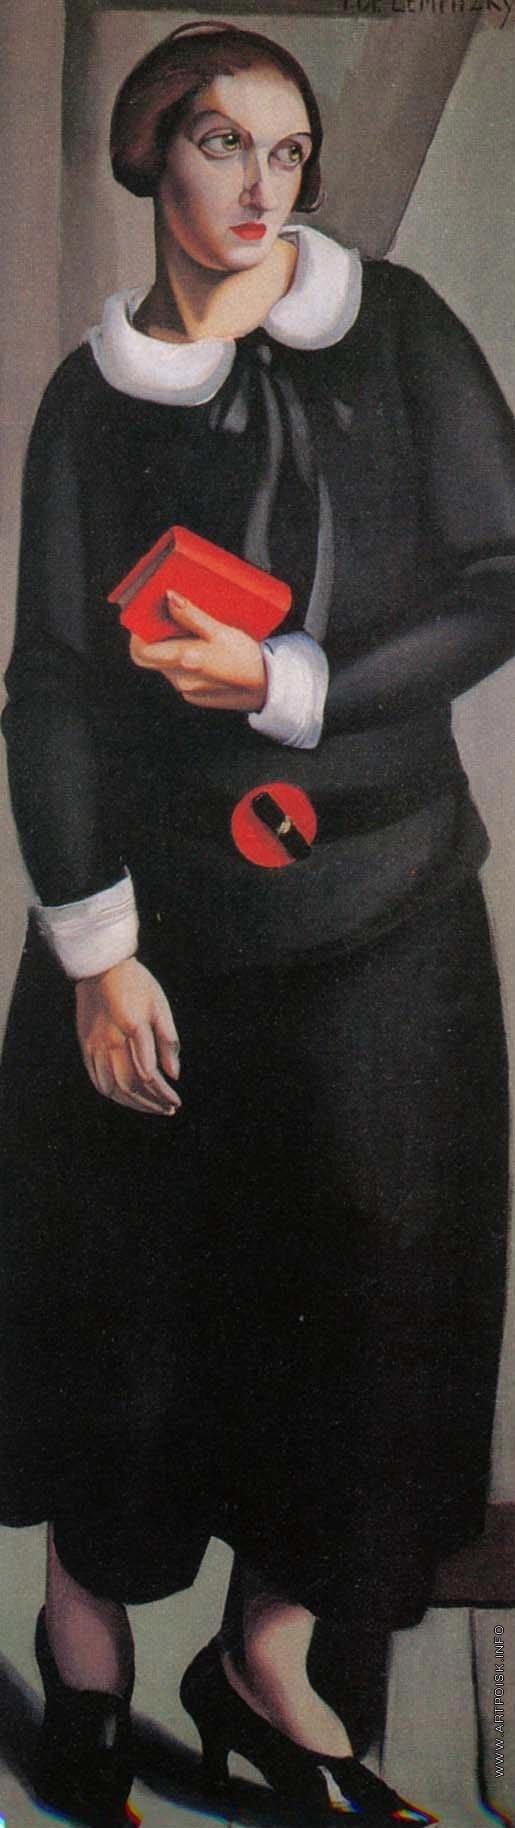 Лемпицка Т. Б. Женщина в черном платье